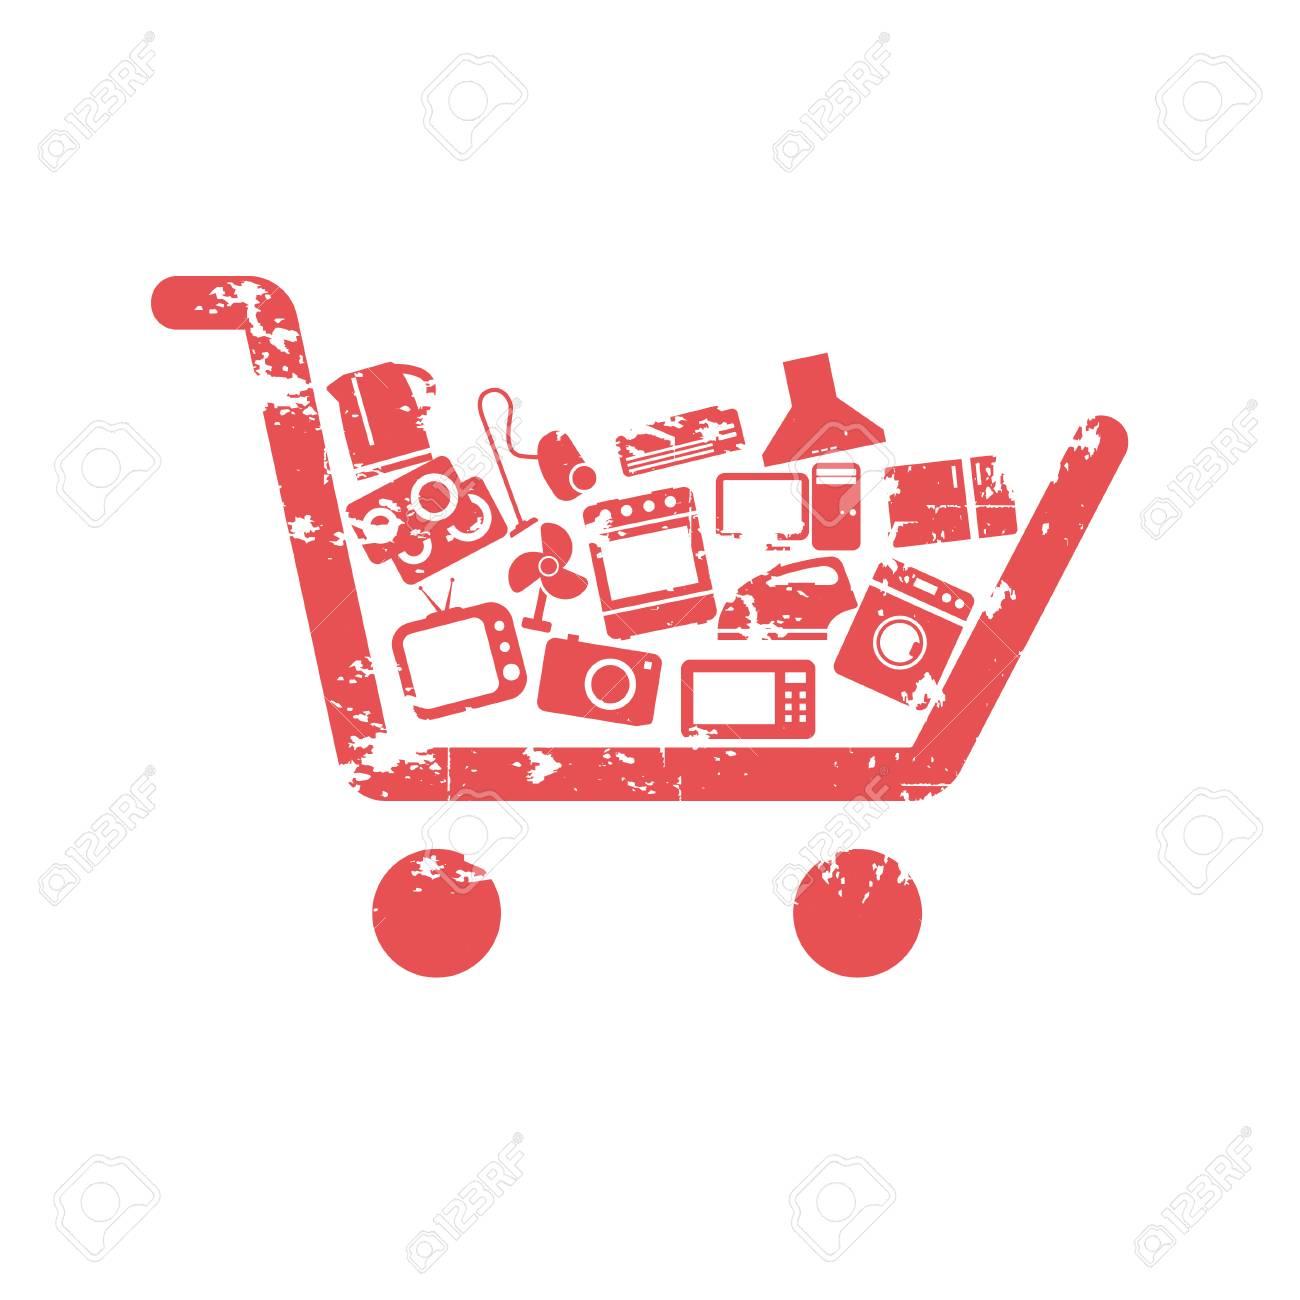 Shopping cart concepts Stock Vector - 23087460